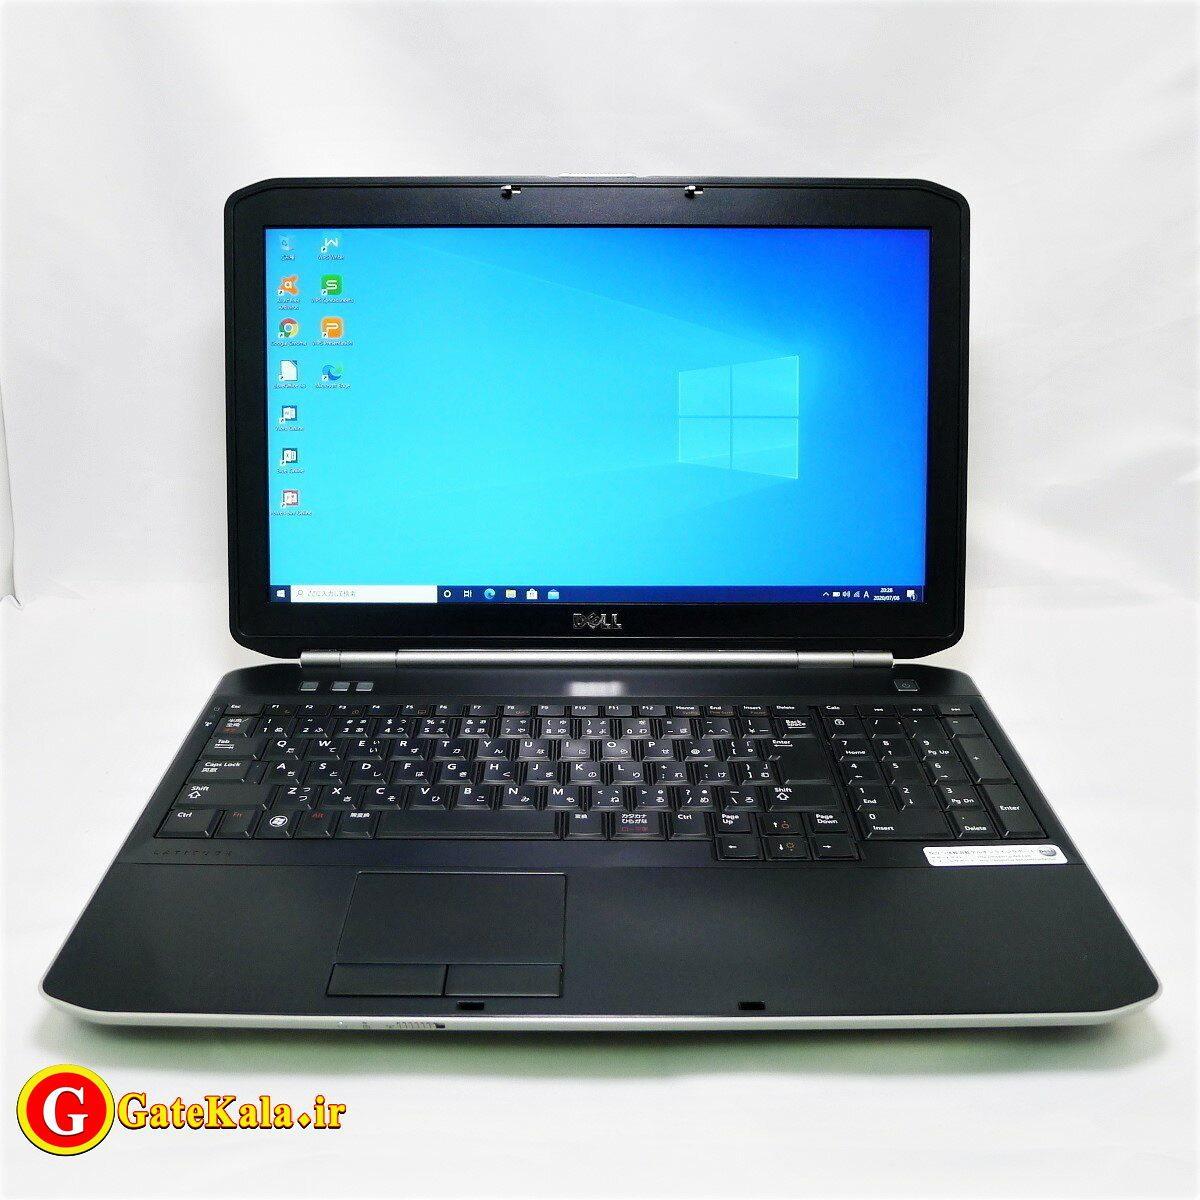 بررسی لپ تاپ Dell E5520